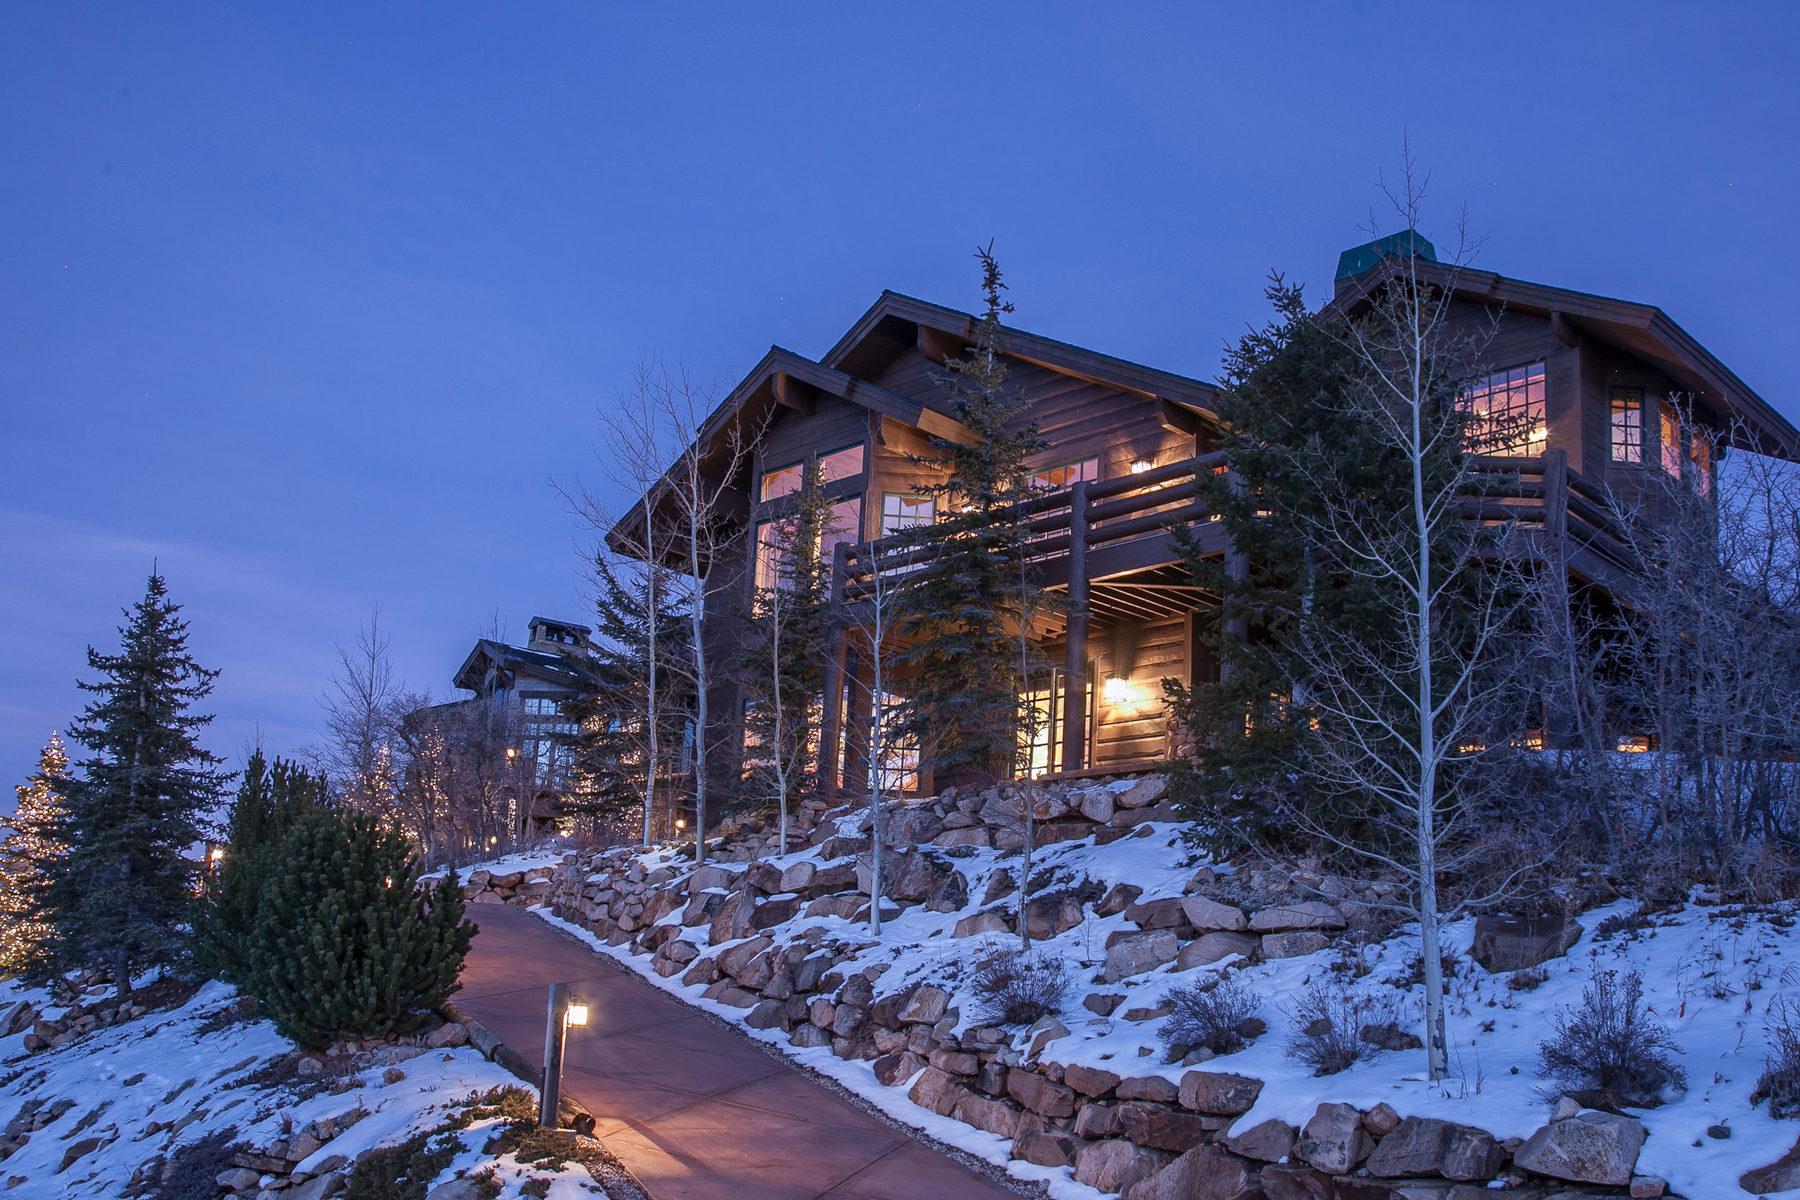 独户住宅 为 销售 在 Spectacular Deer Valley Mountain Home with Postcard Views 3396 Solamere Dr Park City, 犹他州 84060 美国